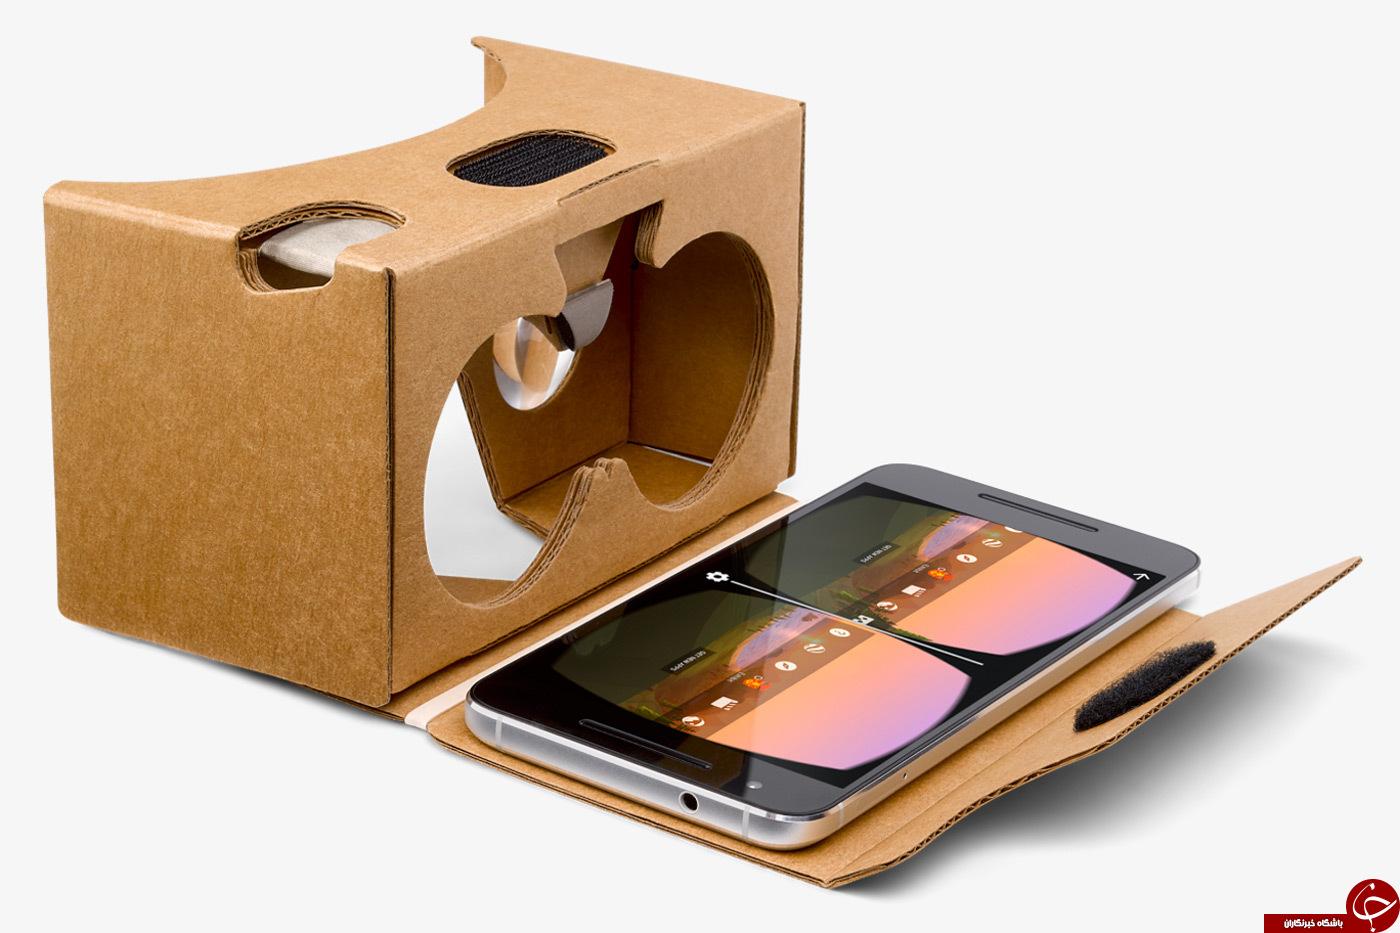 عینک های مقوایی مجازی در گوگل استور +عکس